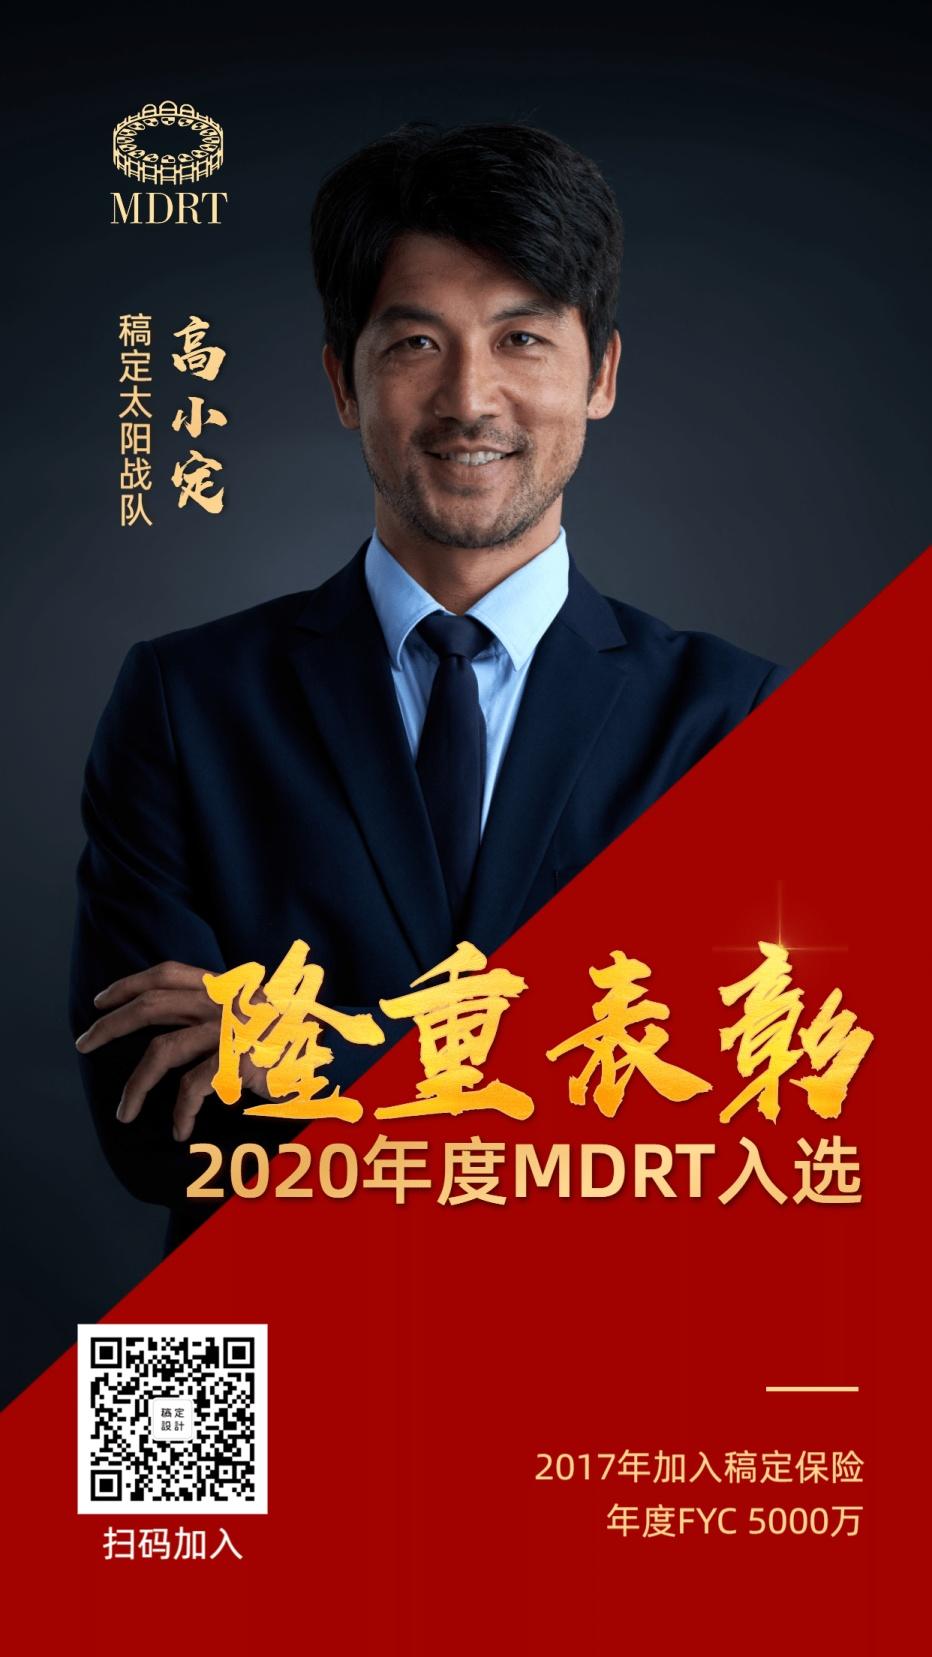 喜报表彰入选MDRT手机海报